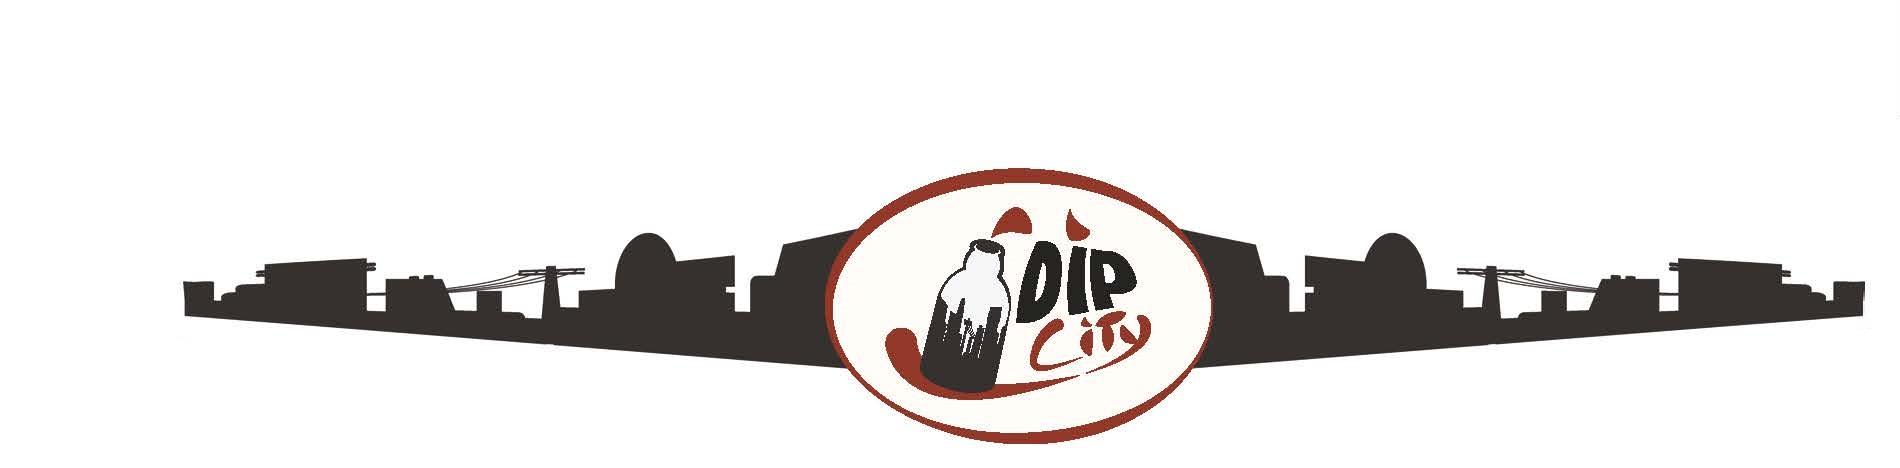 Dip City